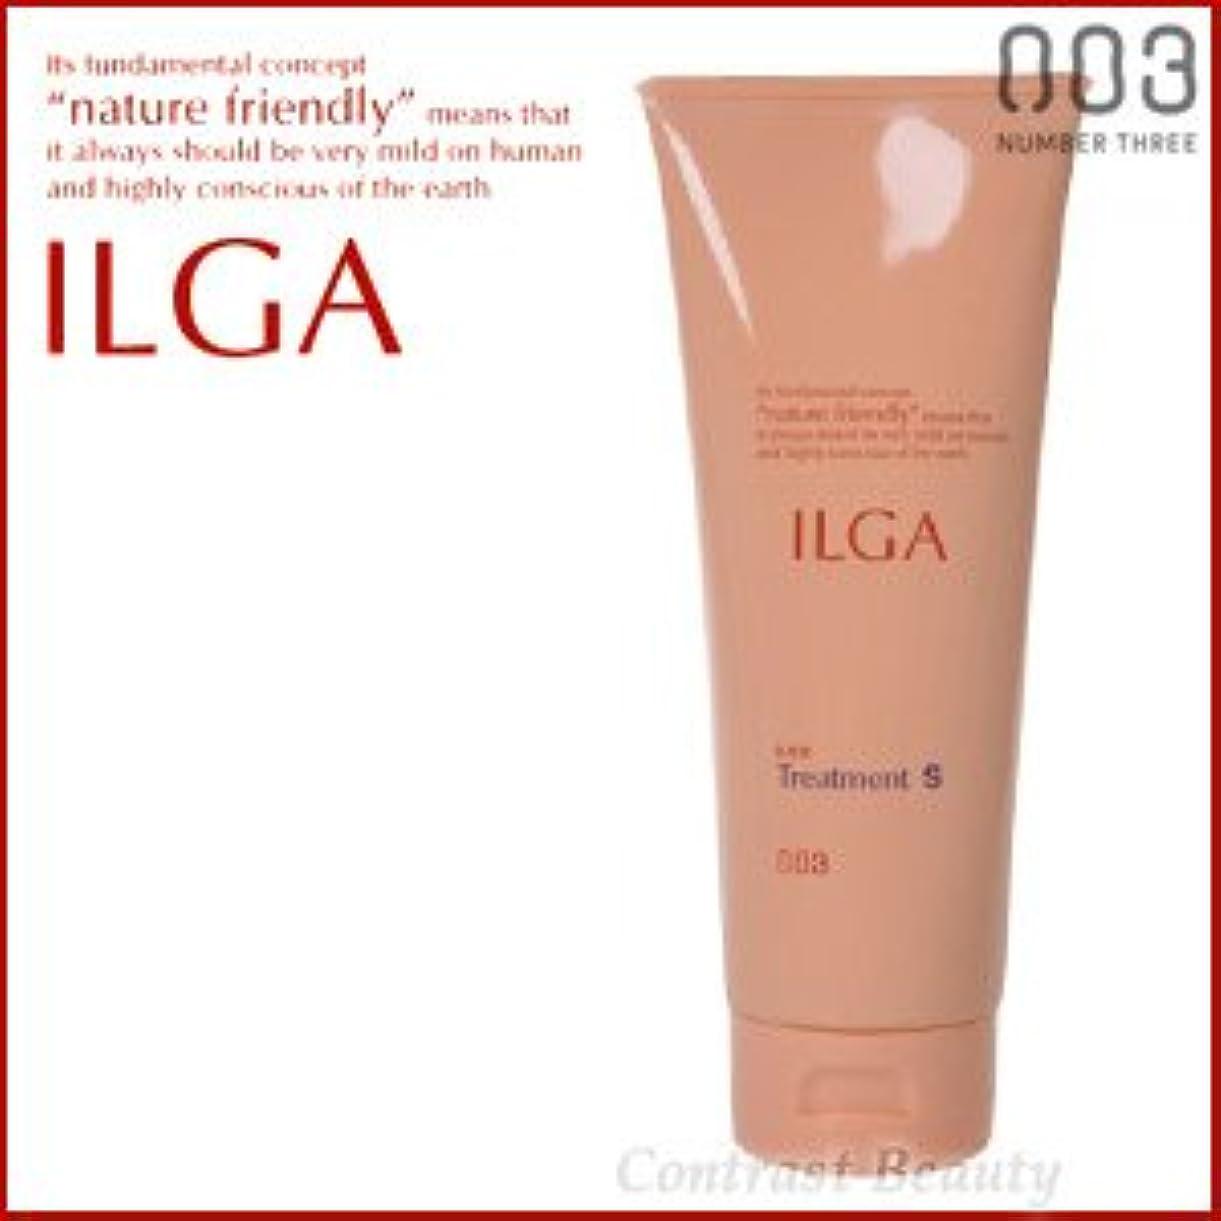 社会学知覚するレベル【X2個セット】 ナンバースリー ILGA/イルガ 薬用トリートメントS 200g (医薬部外品)